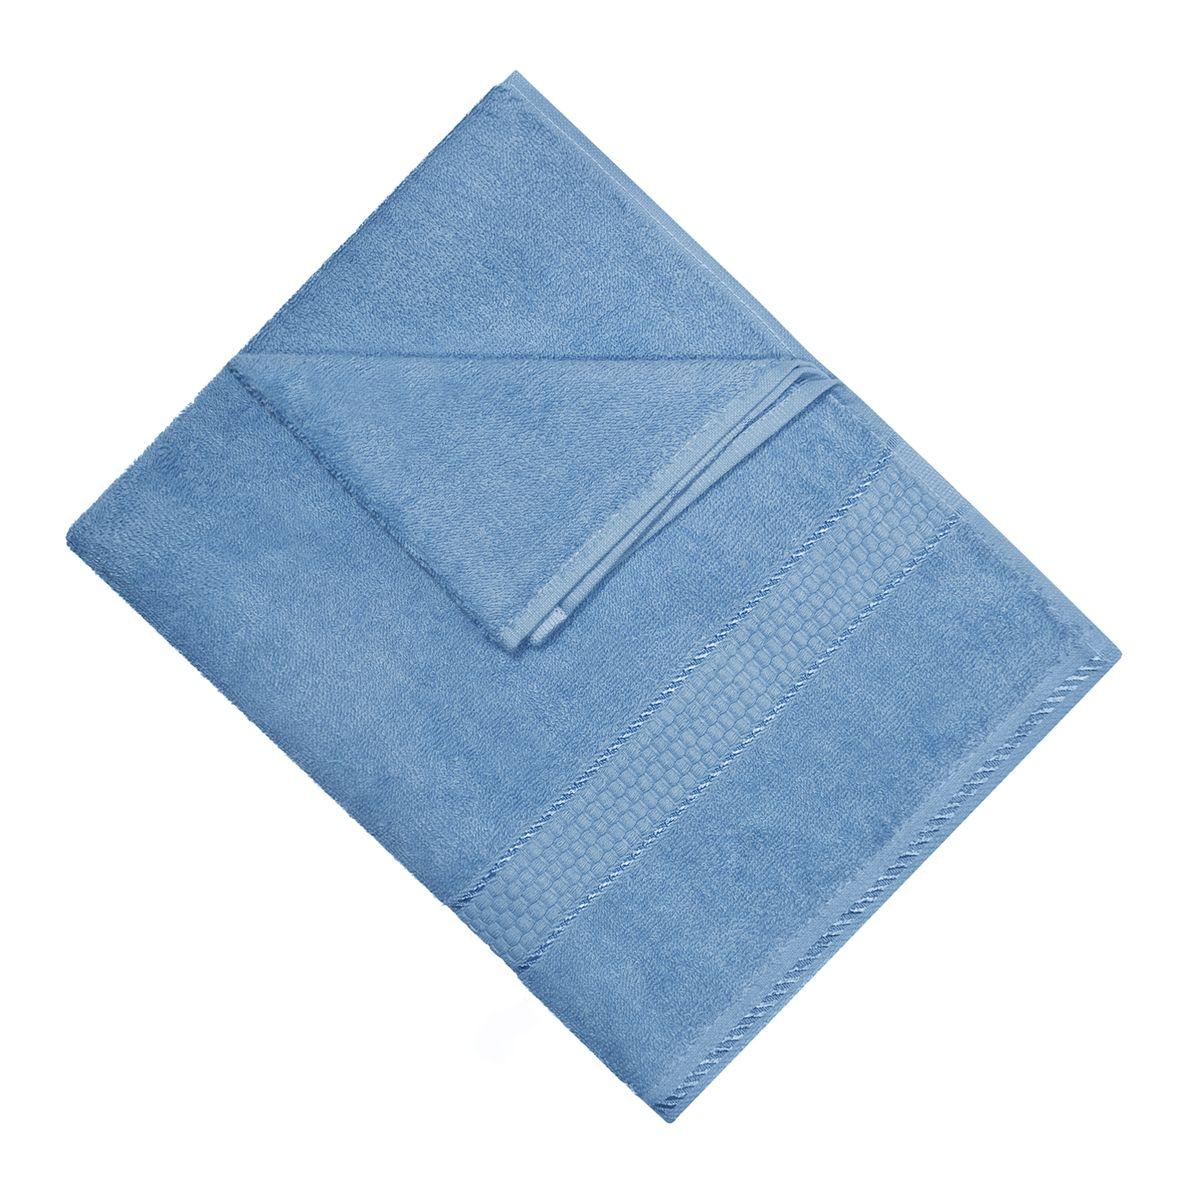 Полотенце махровое Osborn Textile, цвет: голубой, 50 см х 90 см68/5/3В состав полотенца Osborn Textile входит только натуральное волокно - хлопок. Лаконичные бордюры подойдут для любого интерьера ванной комнаты. Полотенце прекрасно впитывает влагу и быстро сохнет. При соблюдении рекомендаций по уходу не линяет и не теряет форму даже после многократных стирок. Плотность: 450 г/м2.